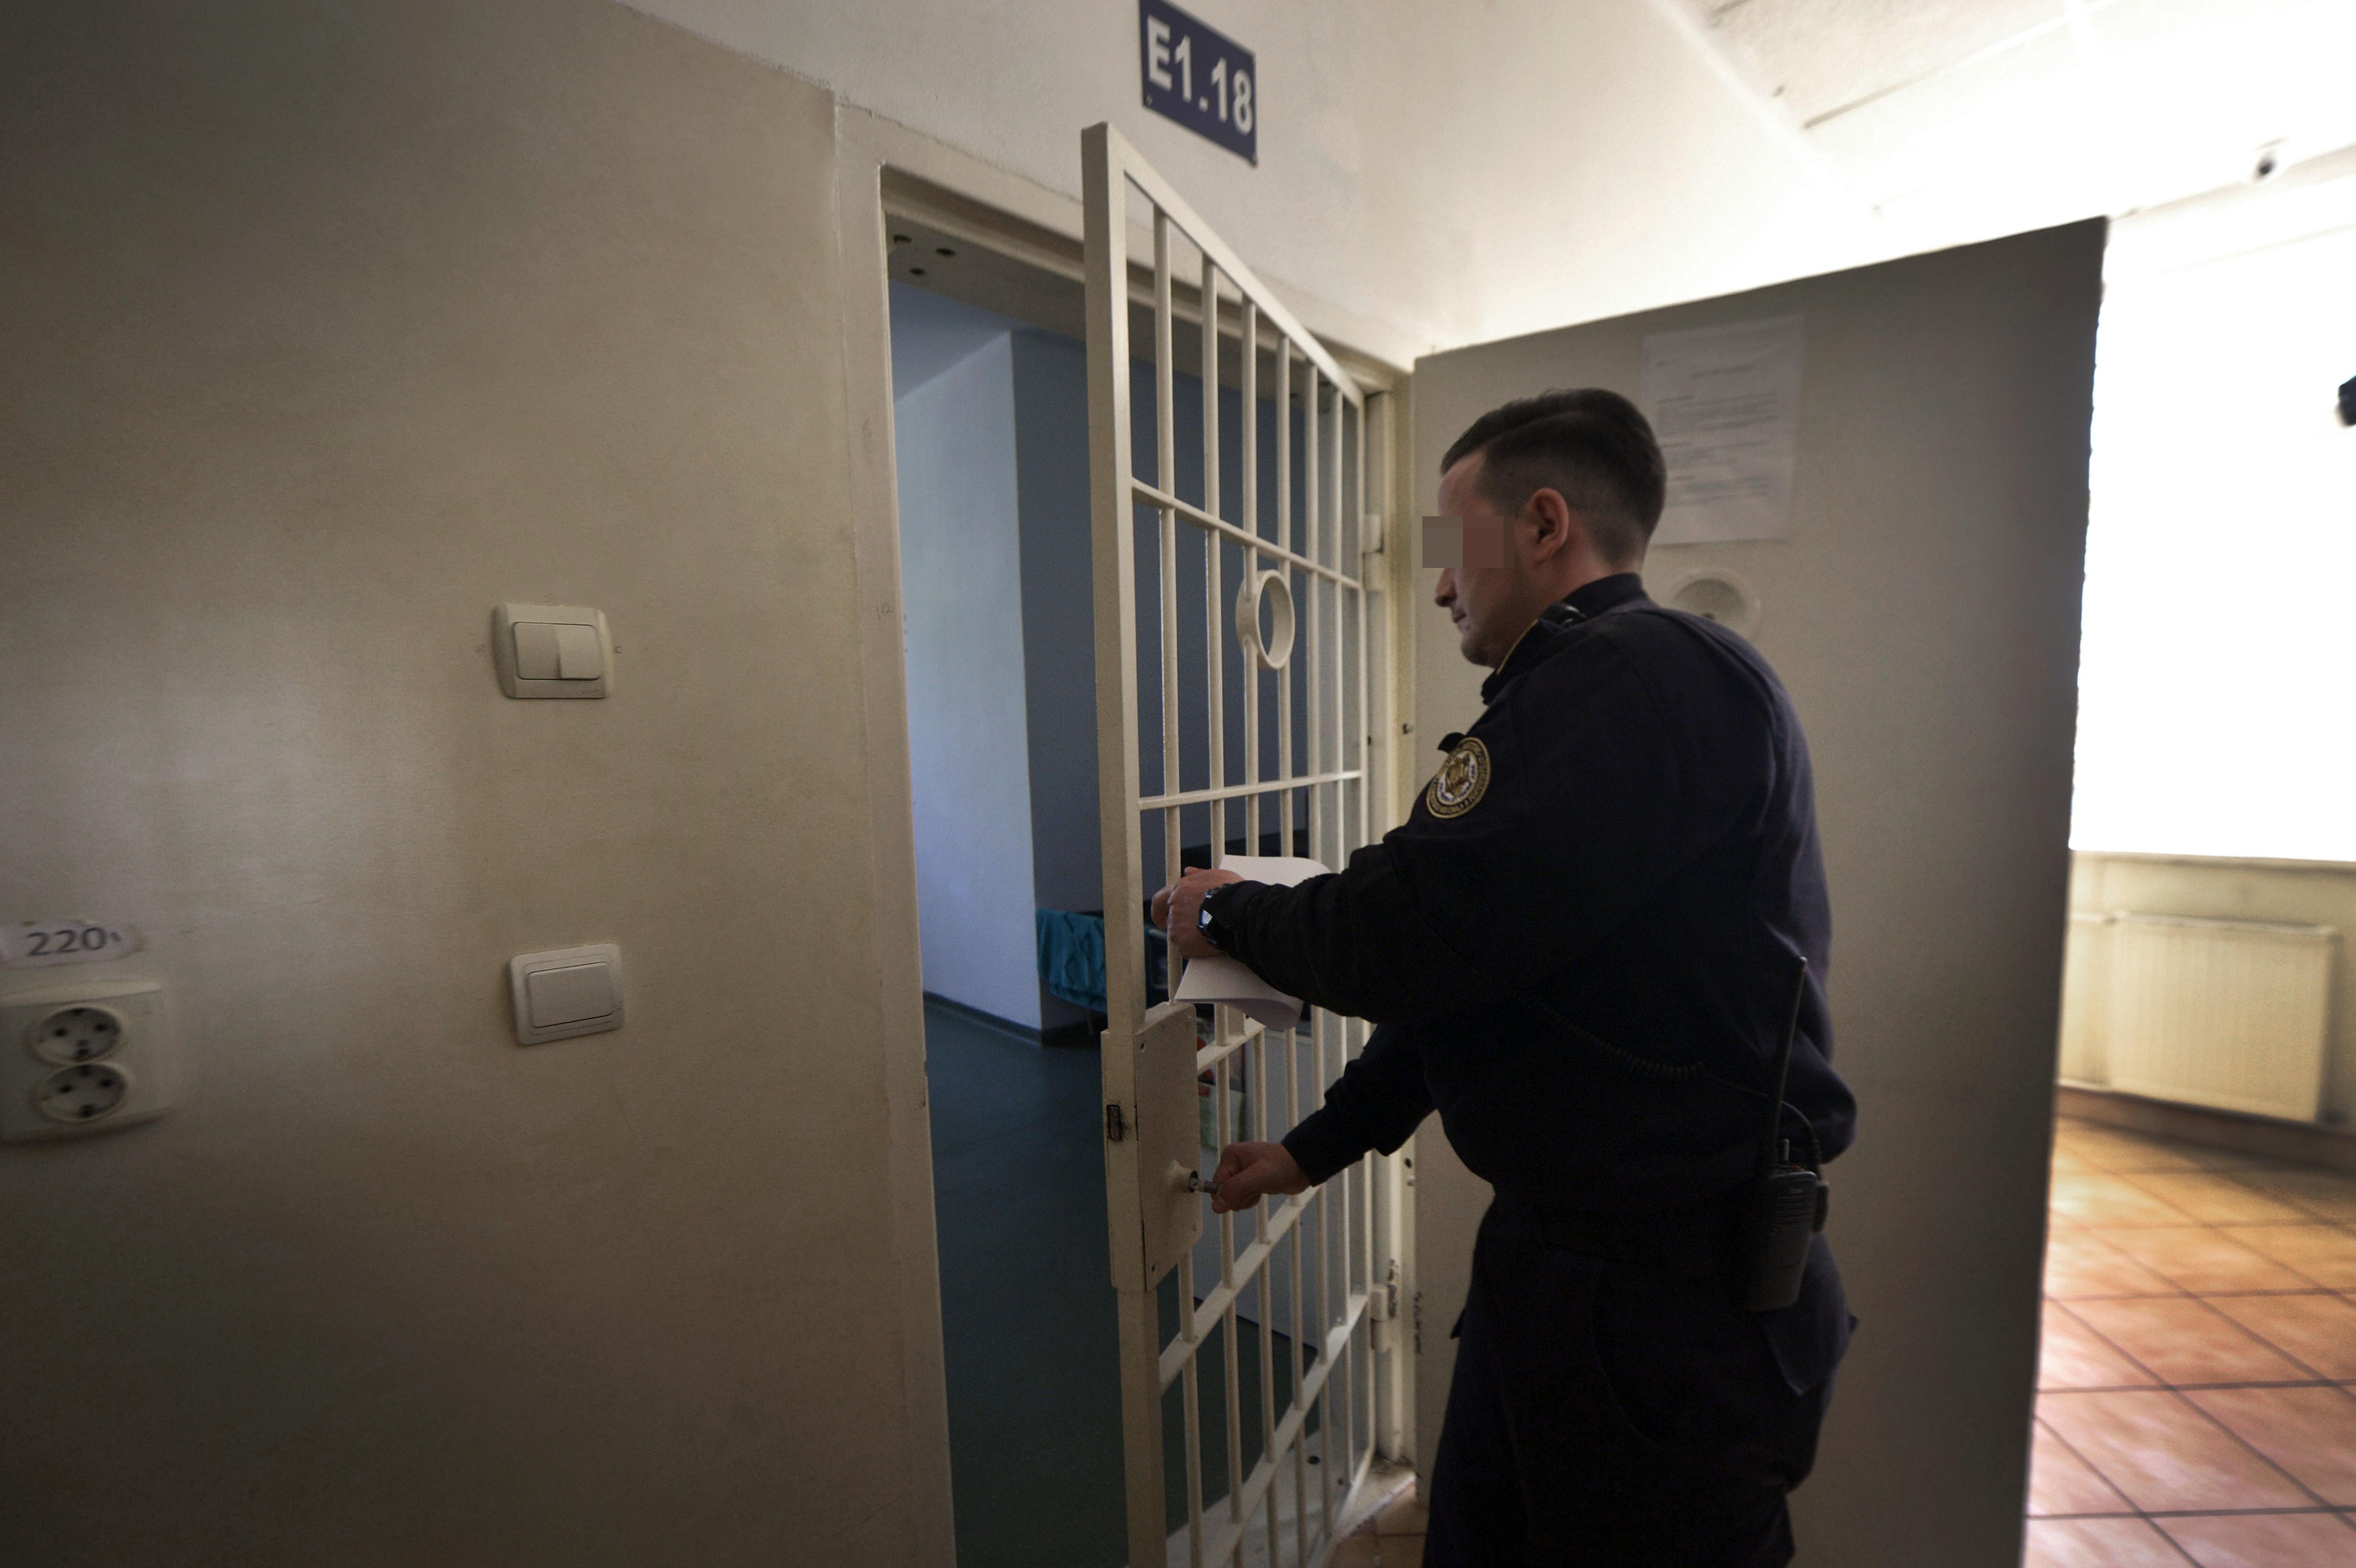 După modelul deţinuţilor, sindicaliştii cer compensarea angajaţilor din penitenciare pentru MUNCA în condiţii improprii: Am intrat de ceva timp într-o epocă a compasiunii